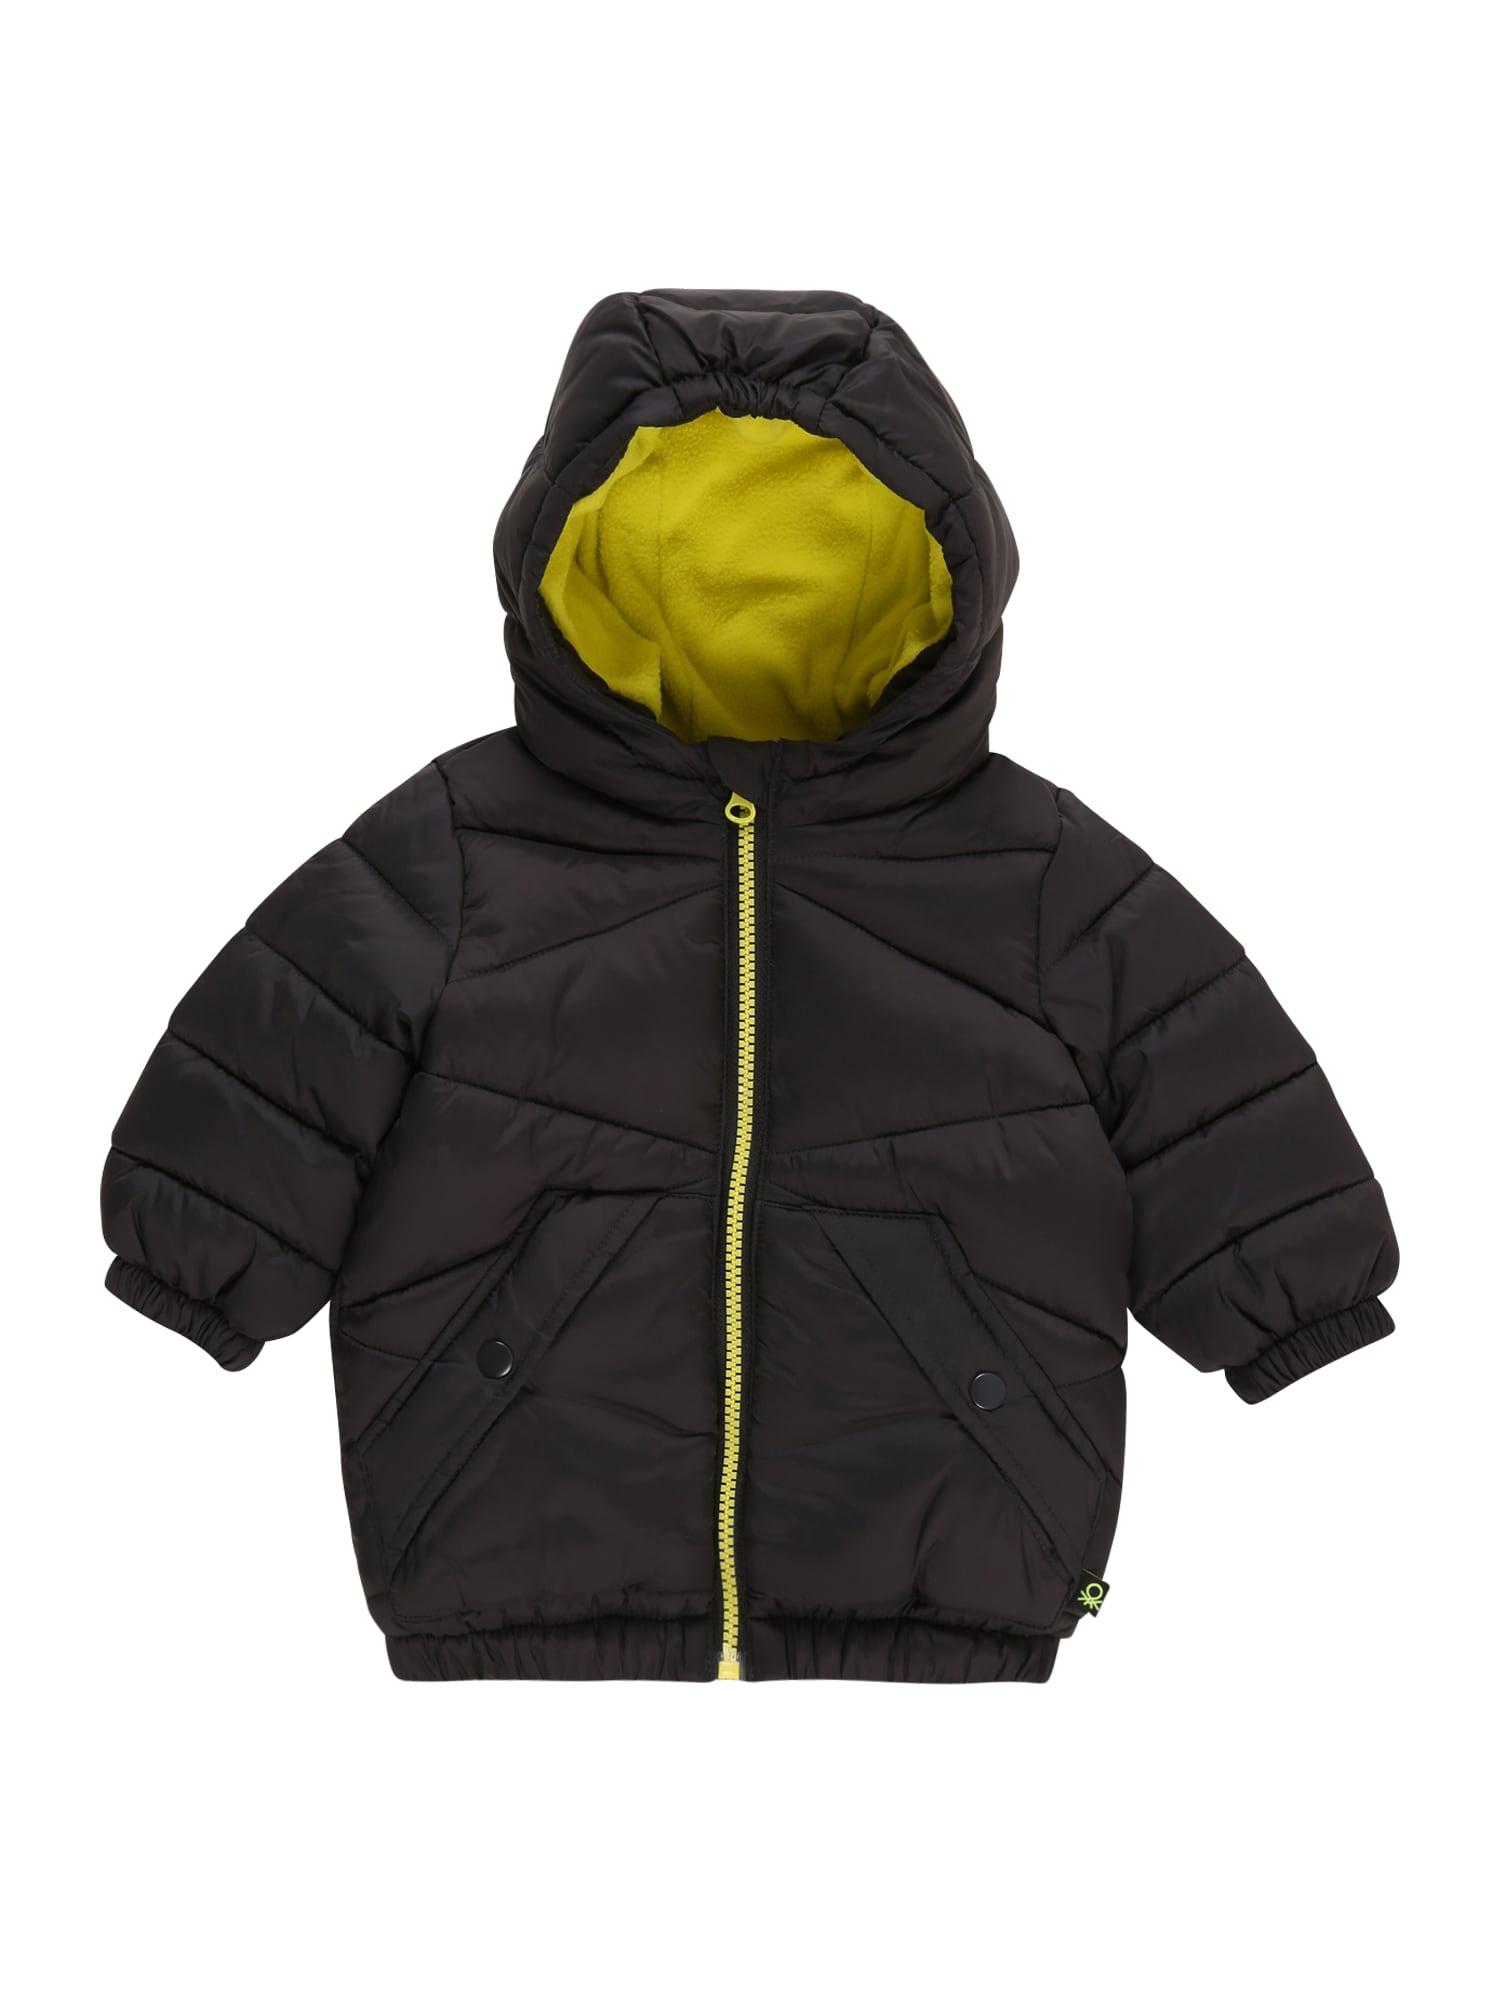 UNITED COLORS OF BENETTON Žieminė striukė juoda / geltona